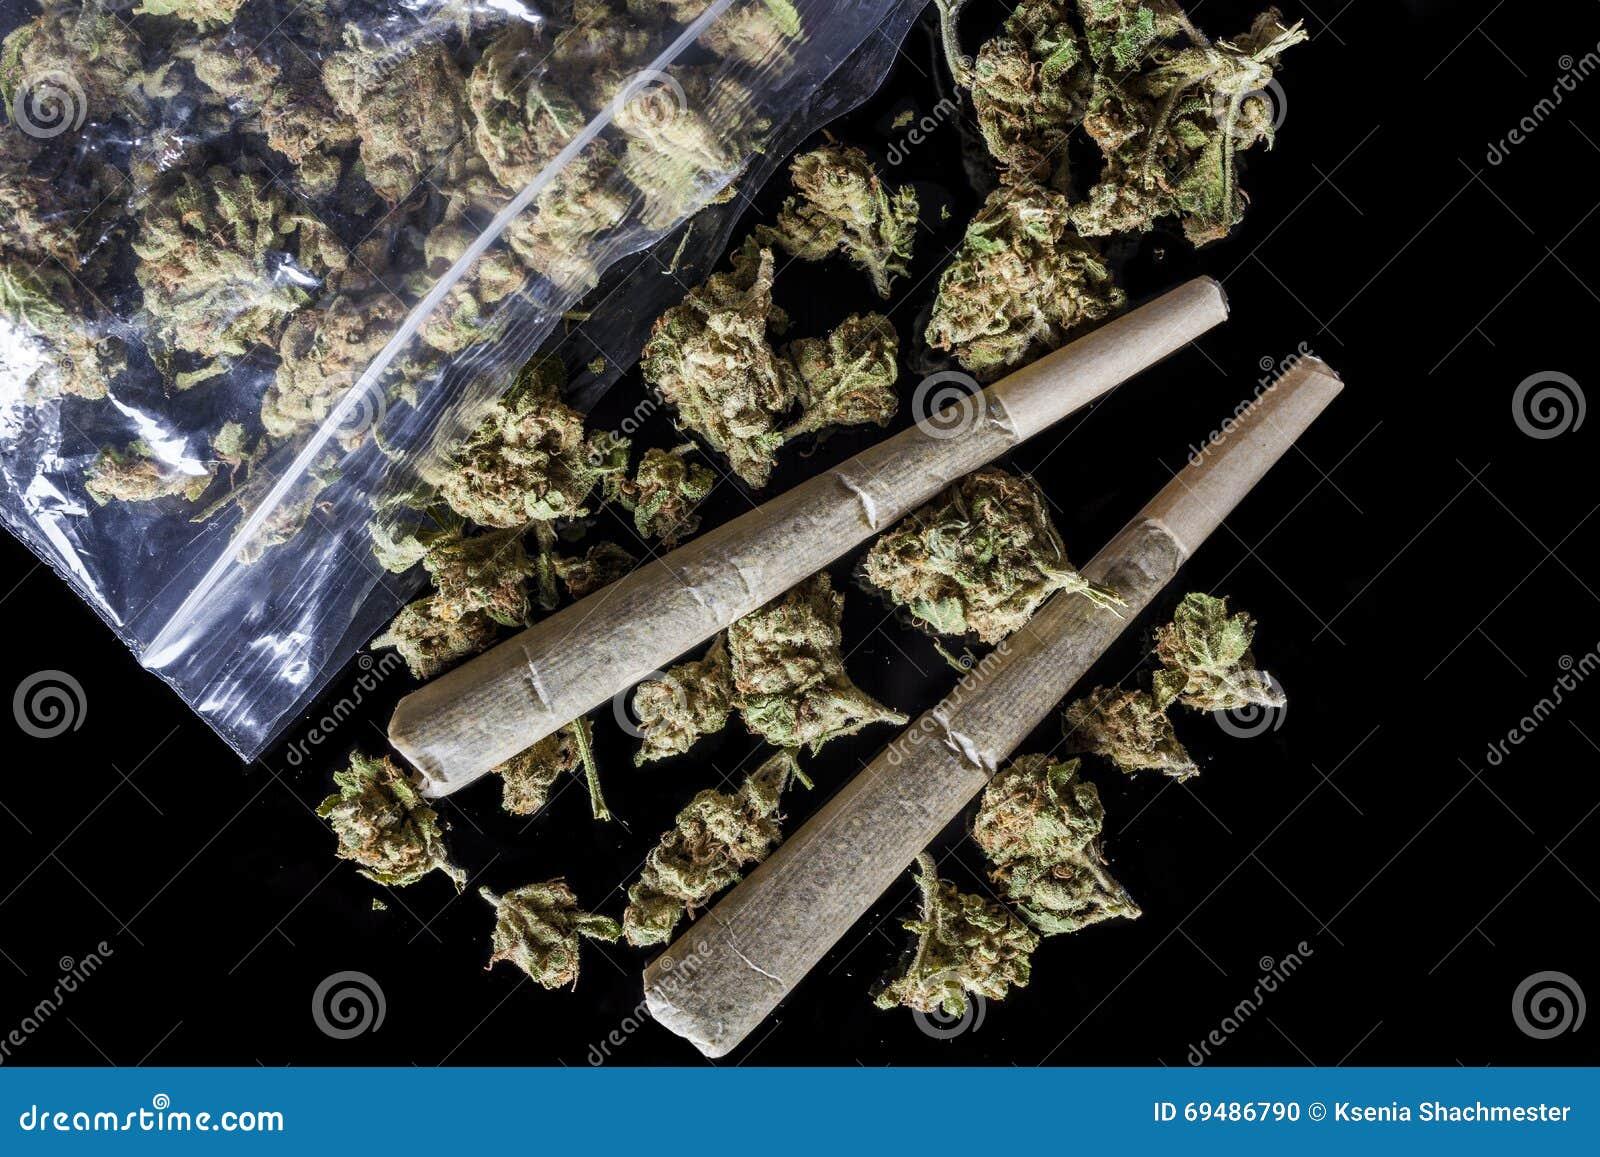 Medische die cannabisverbindingen en knoppen van pakketzwarte hierboven worden verspreid